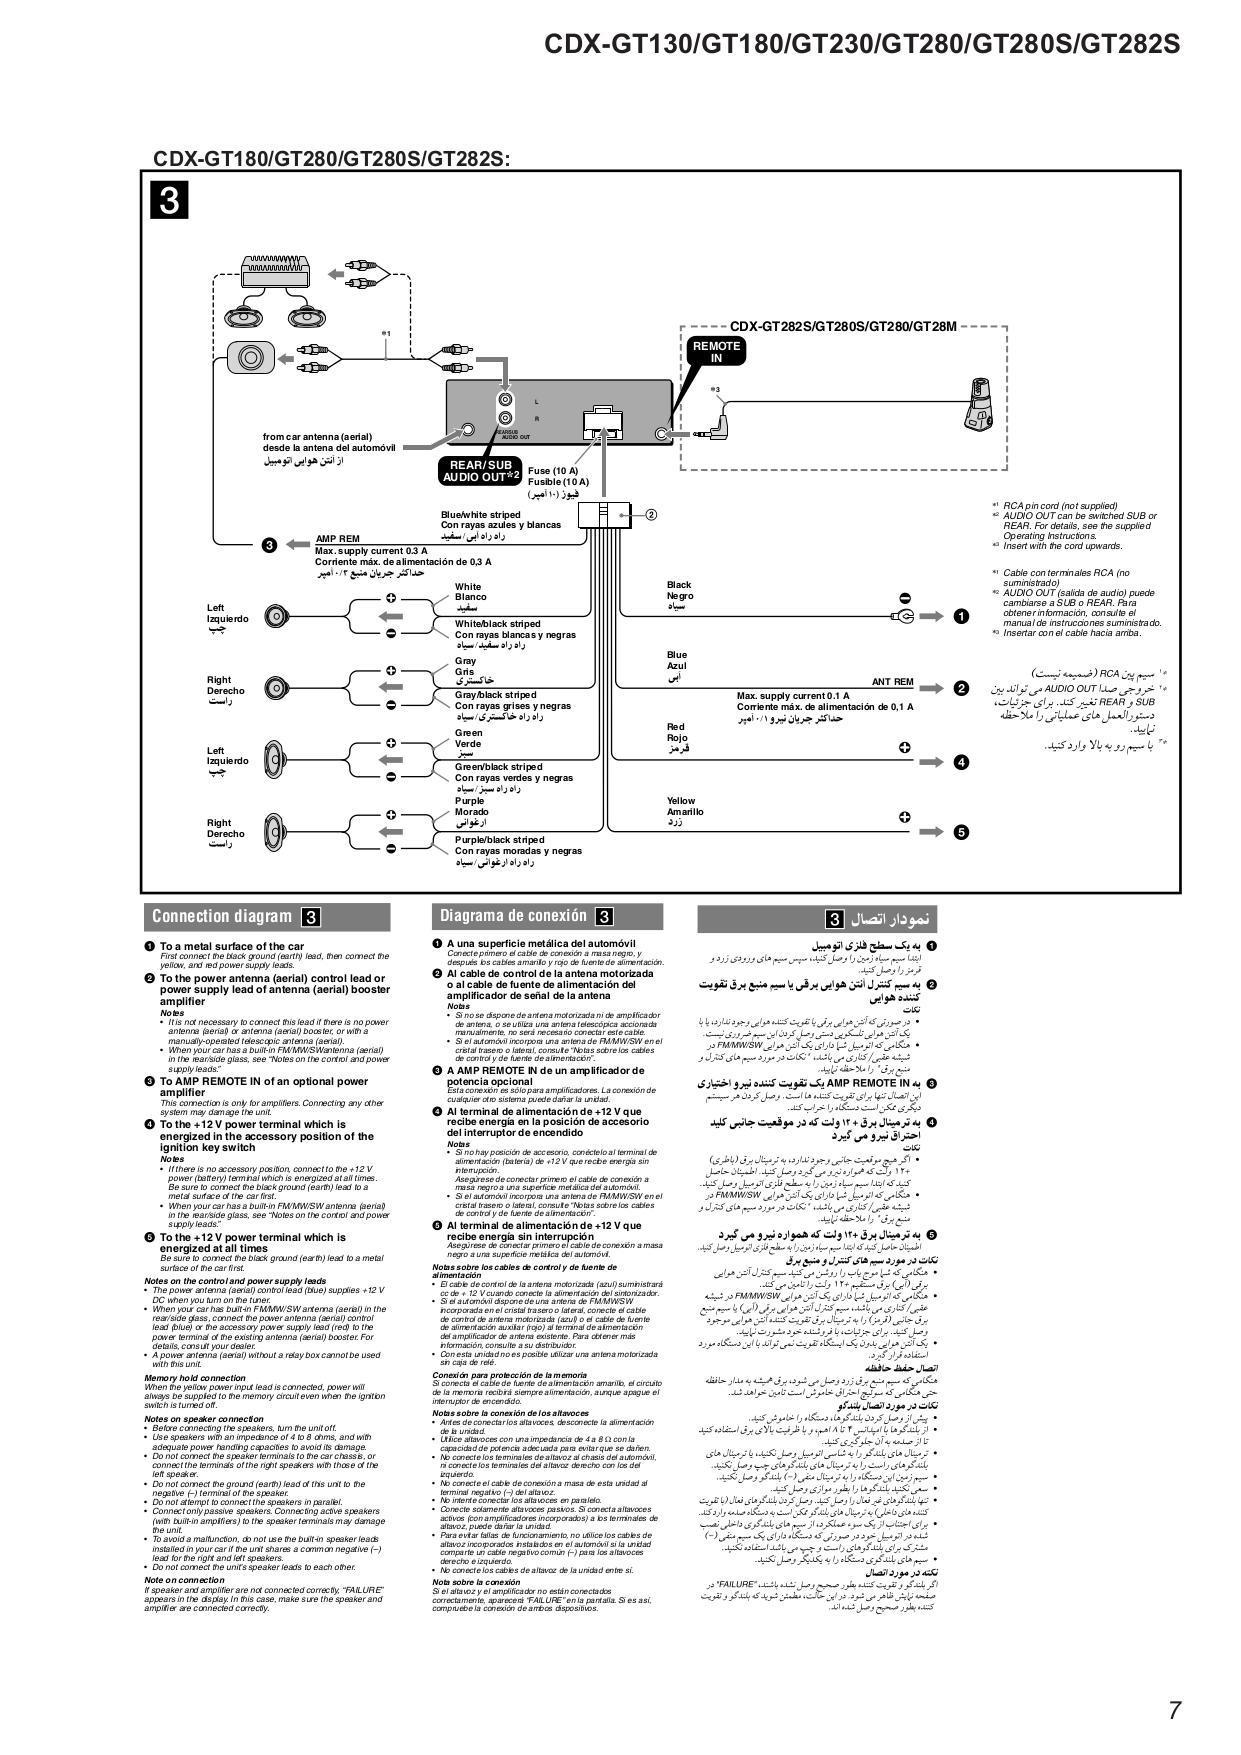 pdf manual for sony car receiver xplod cdx-gt130  umlib.com